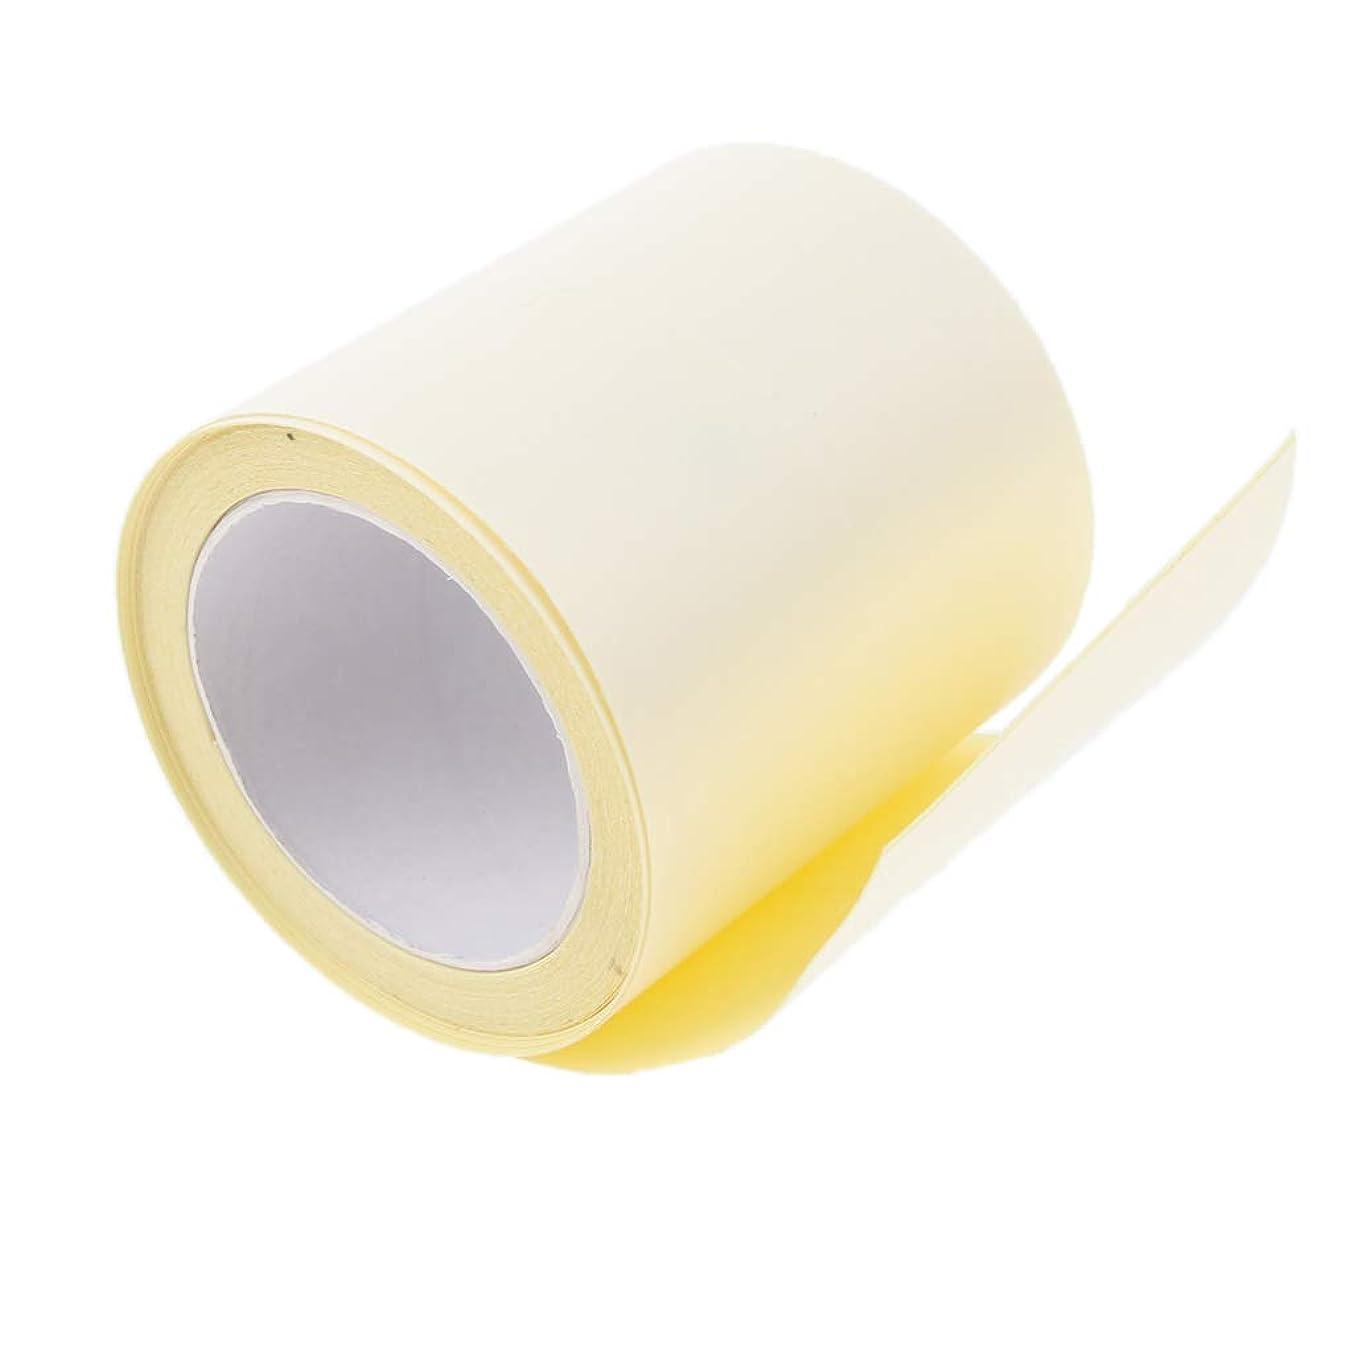 レオナルドダ発音高めるBaoblaze 使い捨て 脇の下の脇の根 汗吸収パッドシール ドテープ 6メートル 皮膚に優しい 男性/女性対応